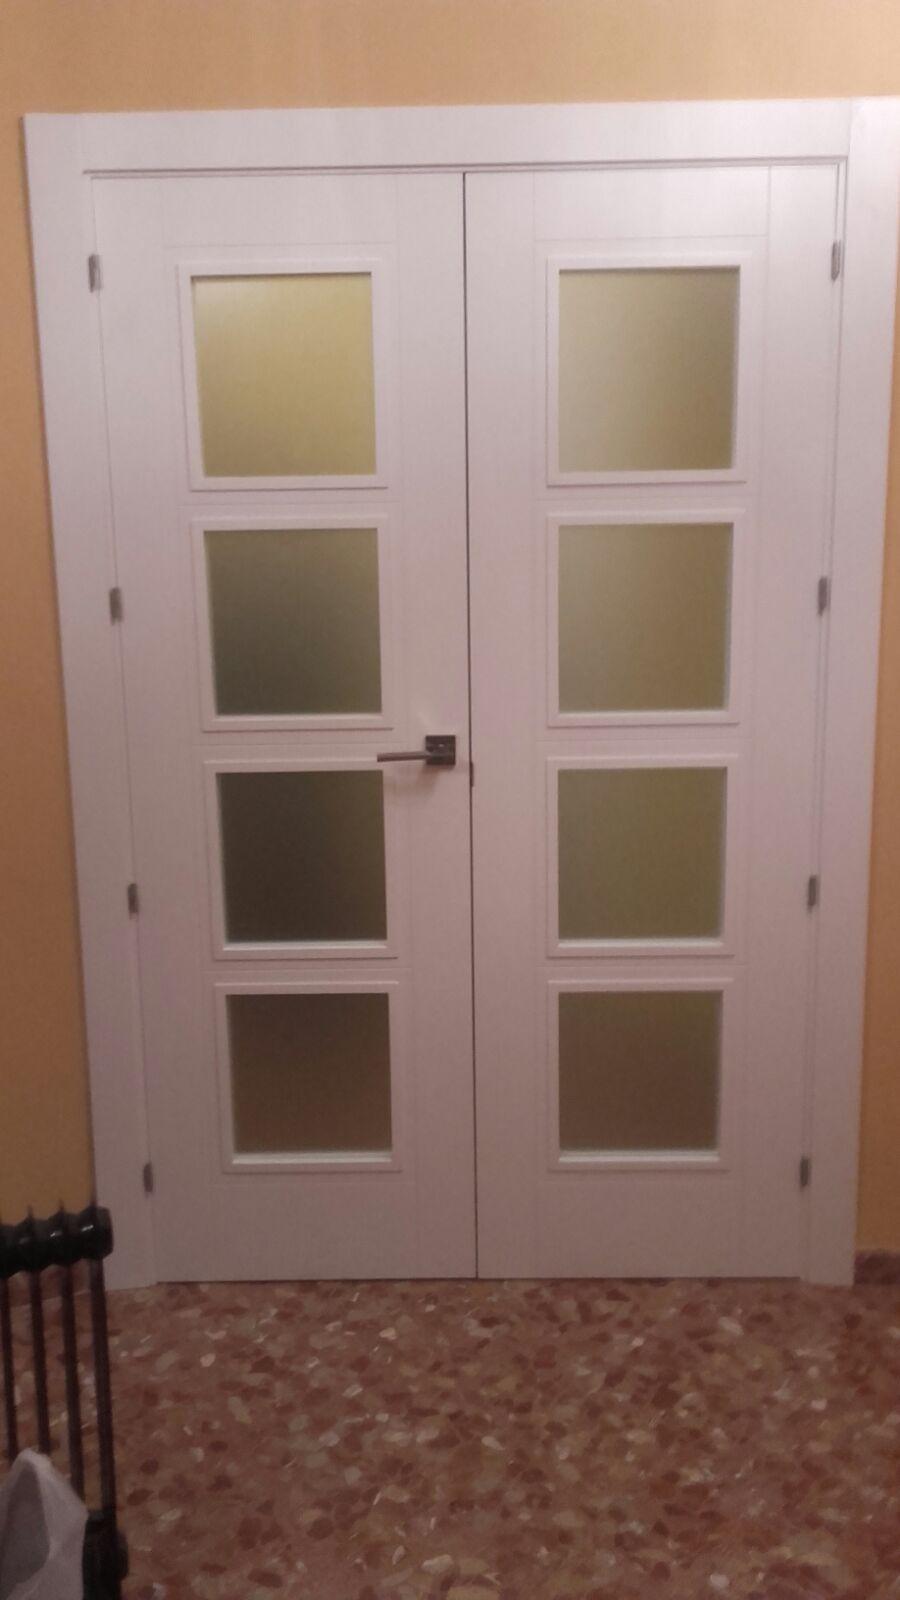 Movidecor 2002 sl puerta de dos hojas lacada en blanco - Puertas de dos hojas ...